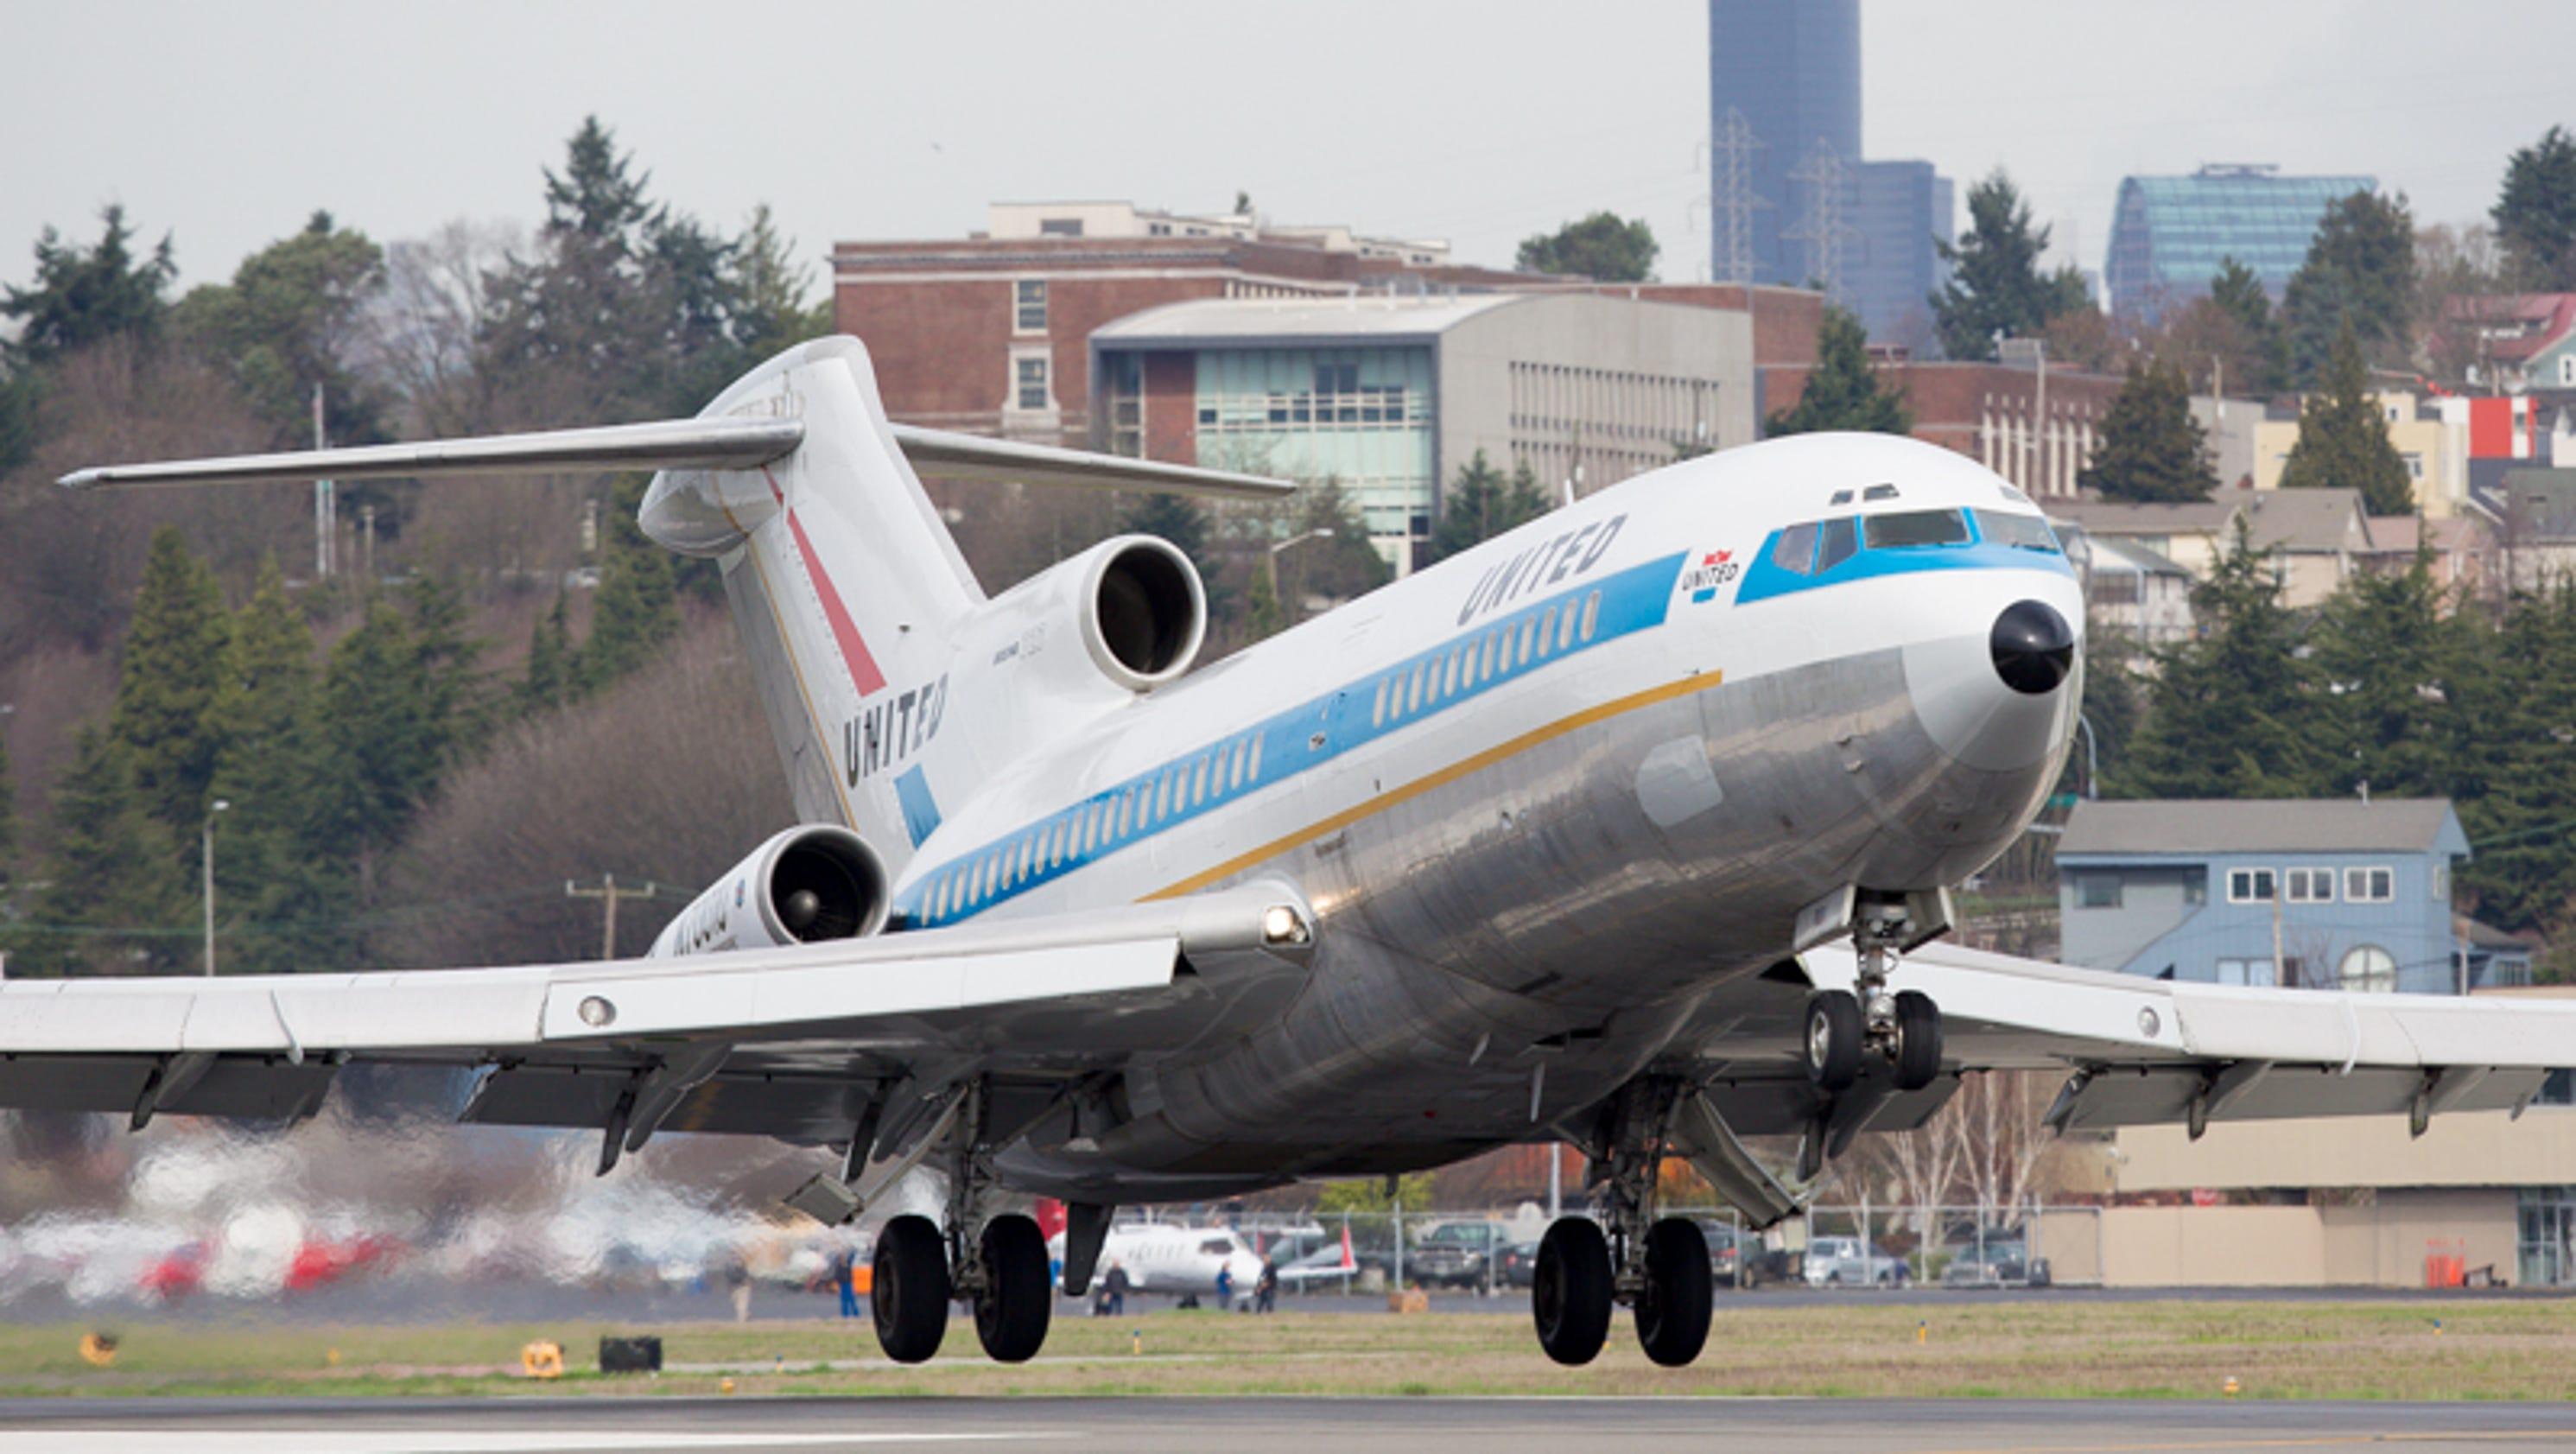 World S First 727 Makes Its Final Flight